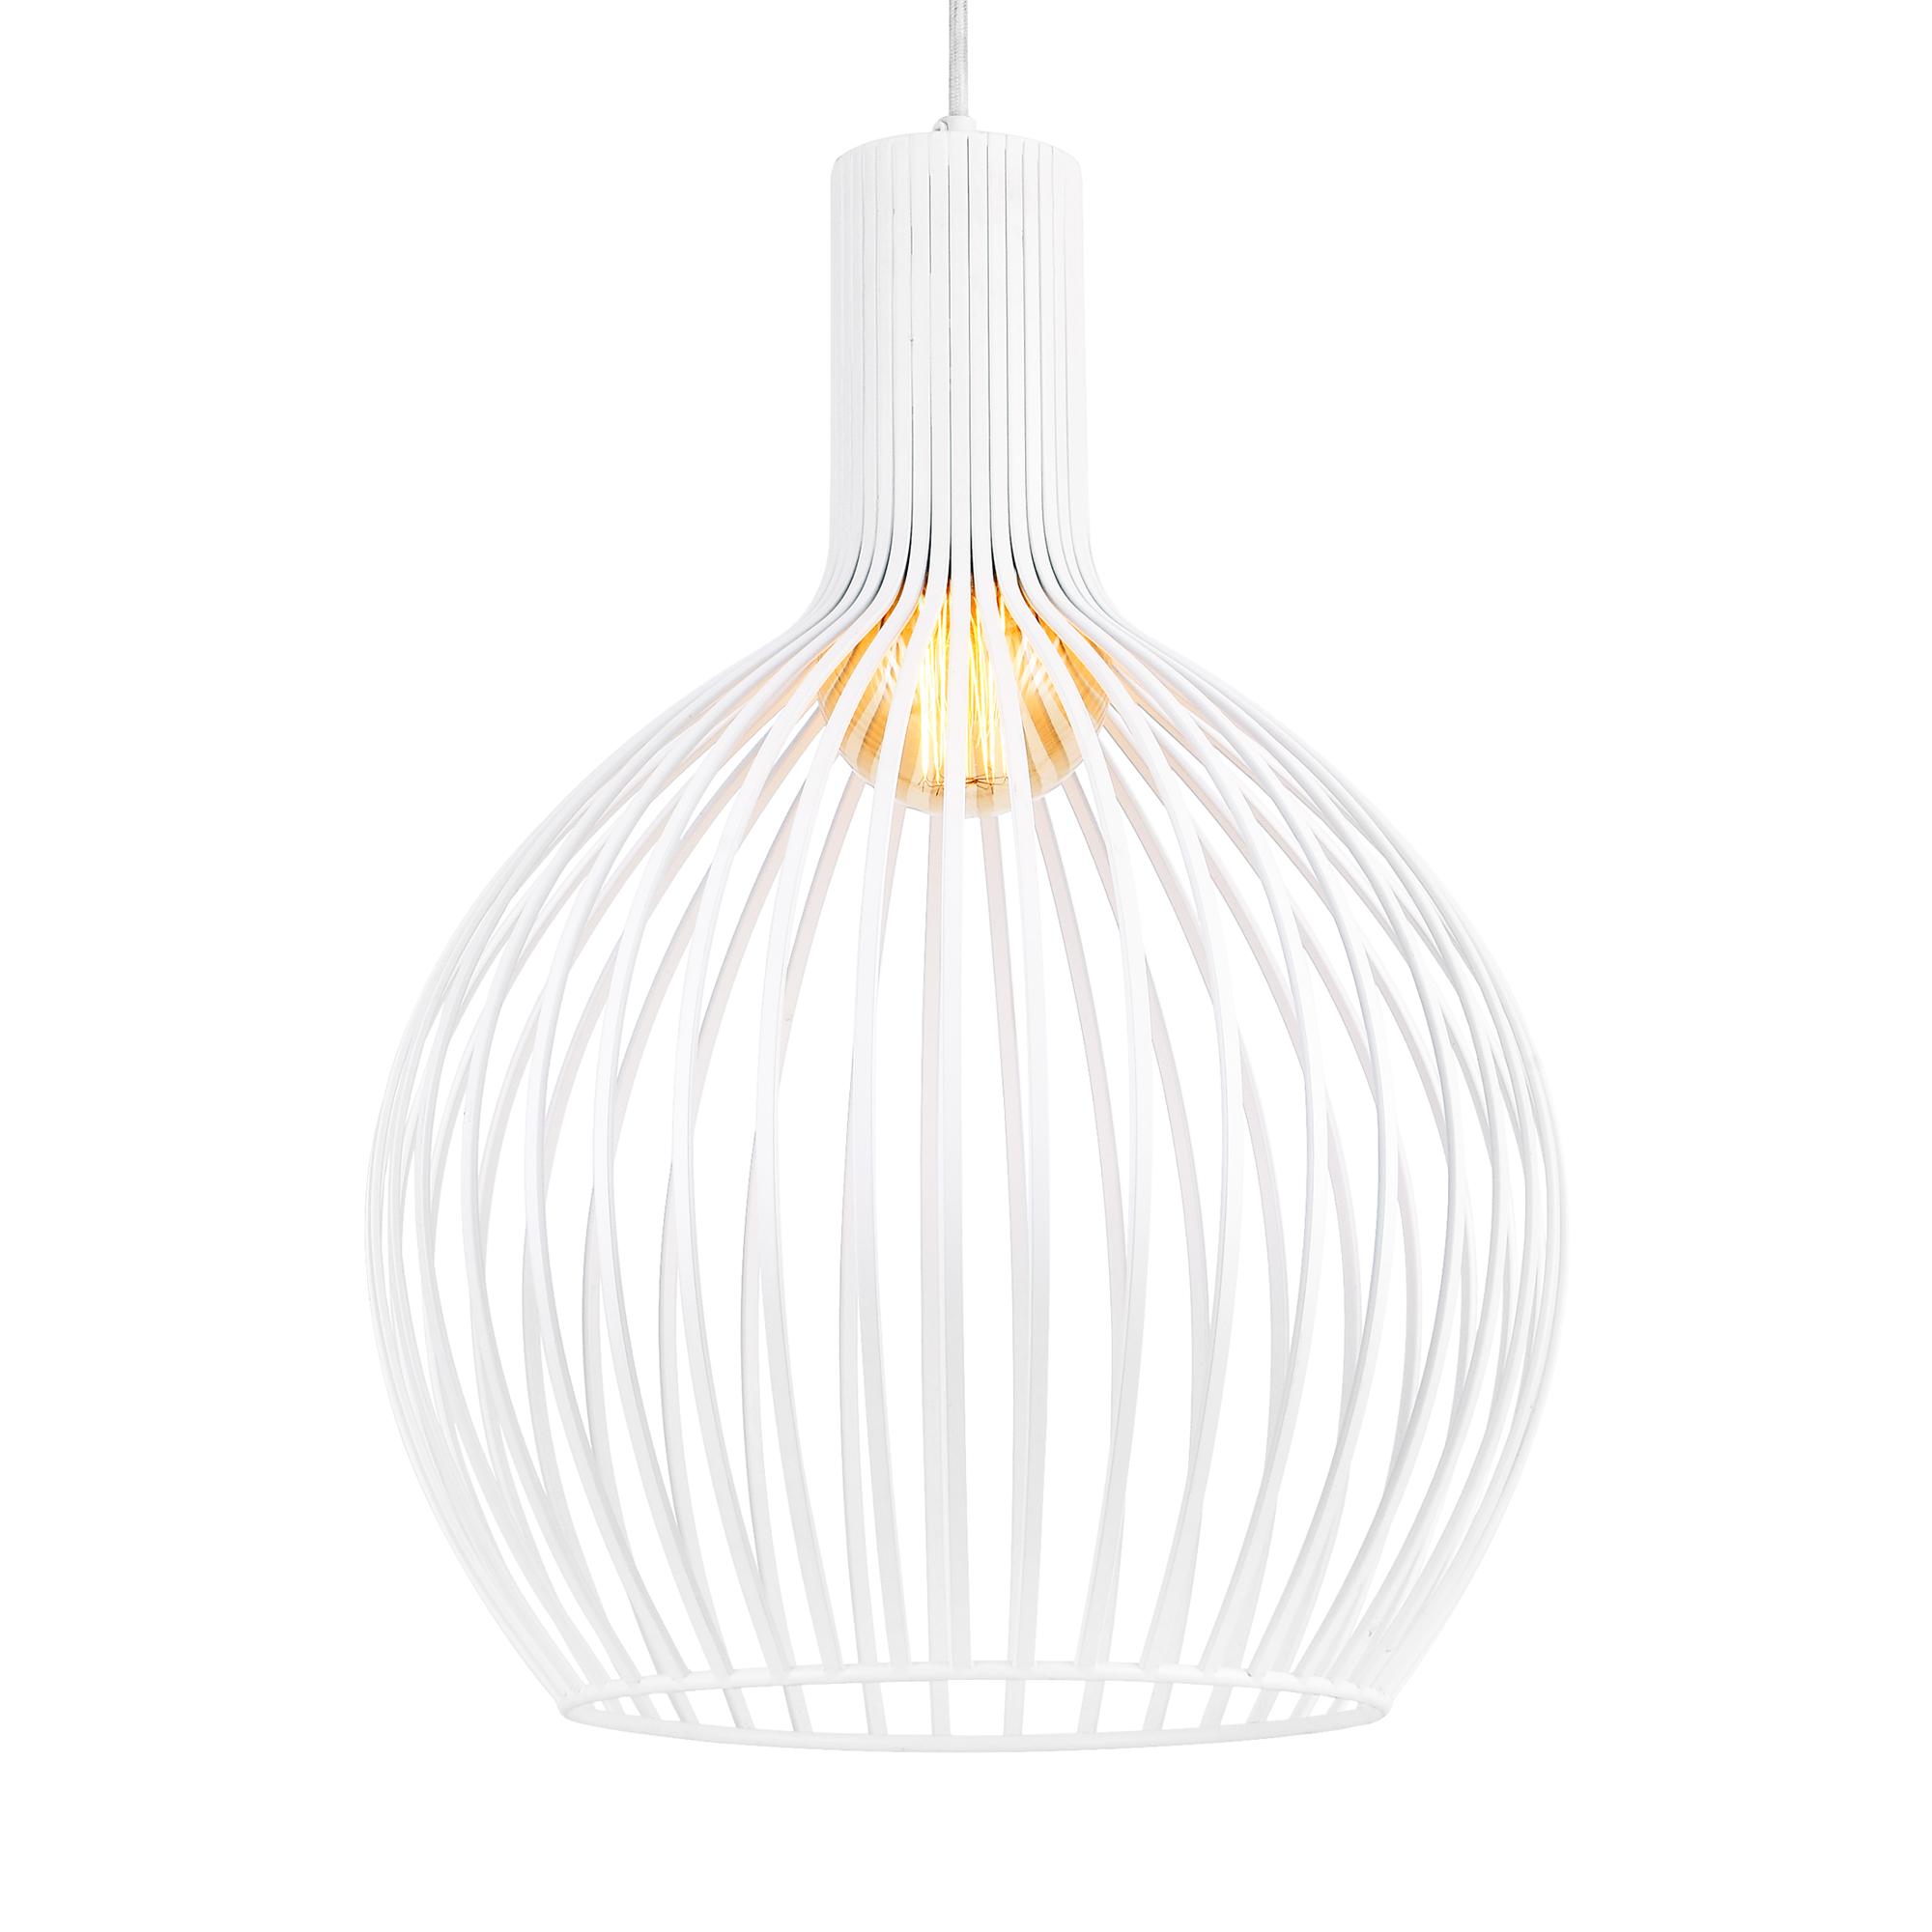 ® Hängeleuchte Metall Weiß Deckenleuchte Leuchte Pendelleuchte Design lux.pro